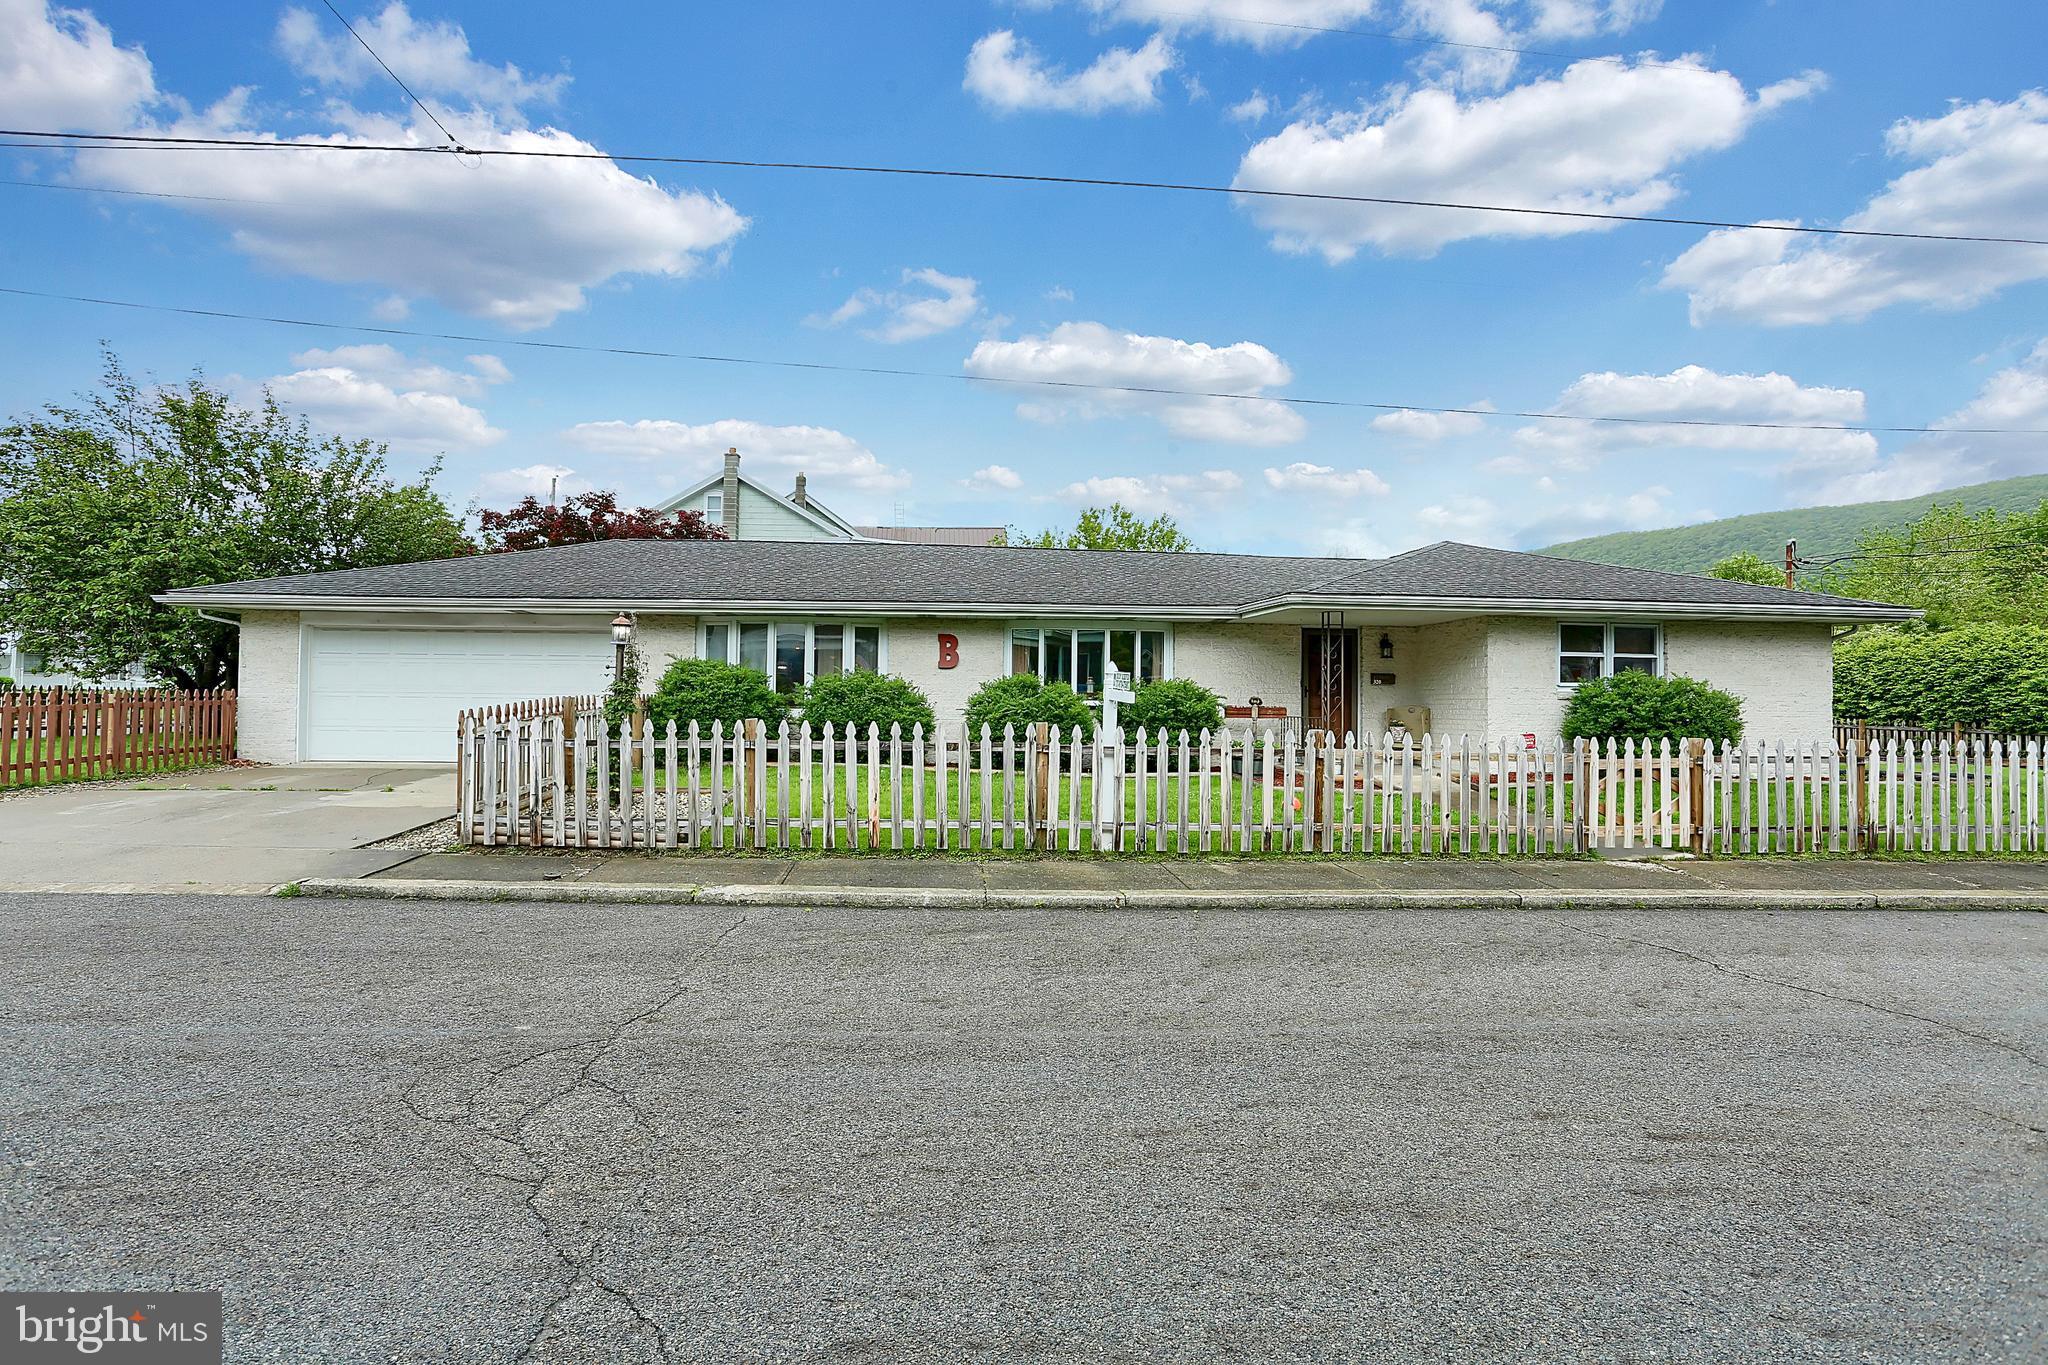 320 SPRUCE STREET, LYKENS, PA 17048